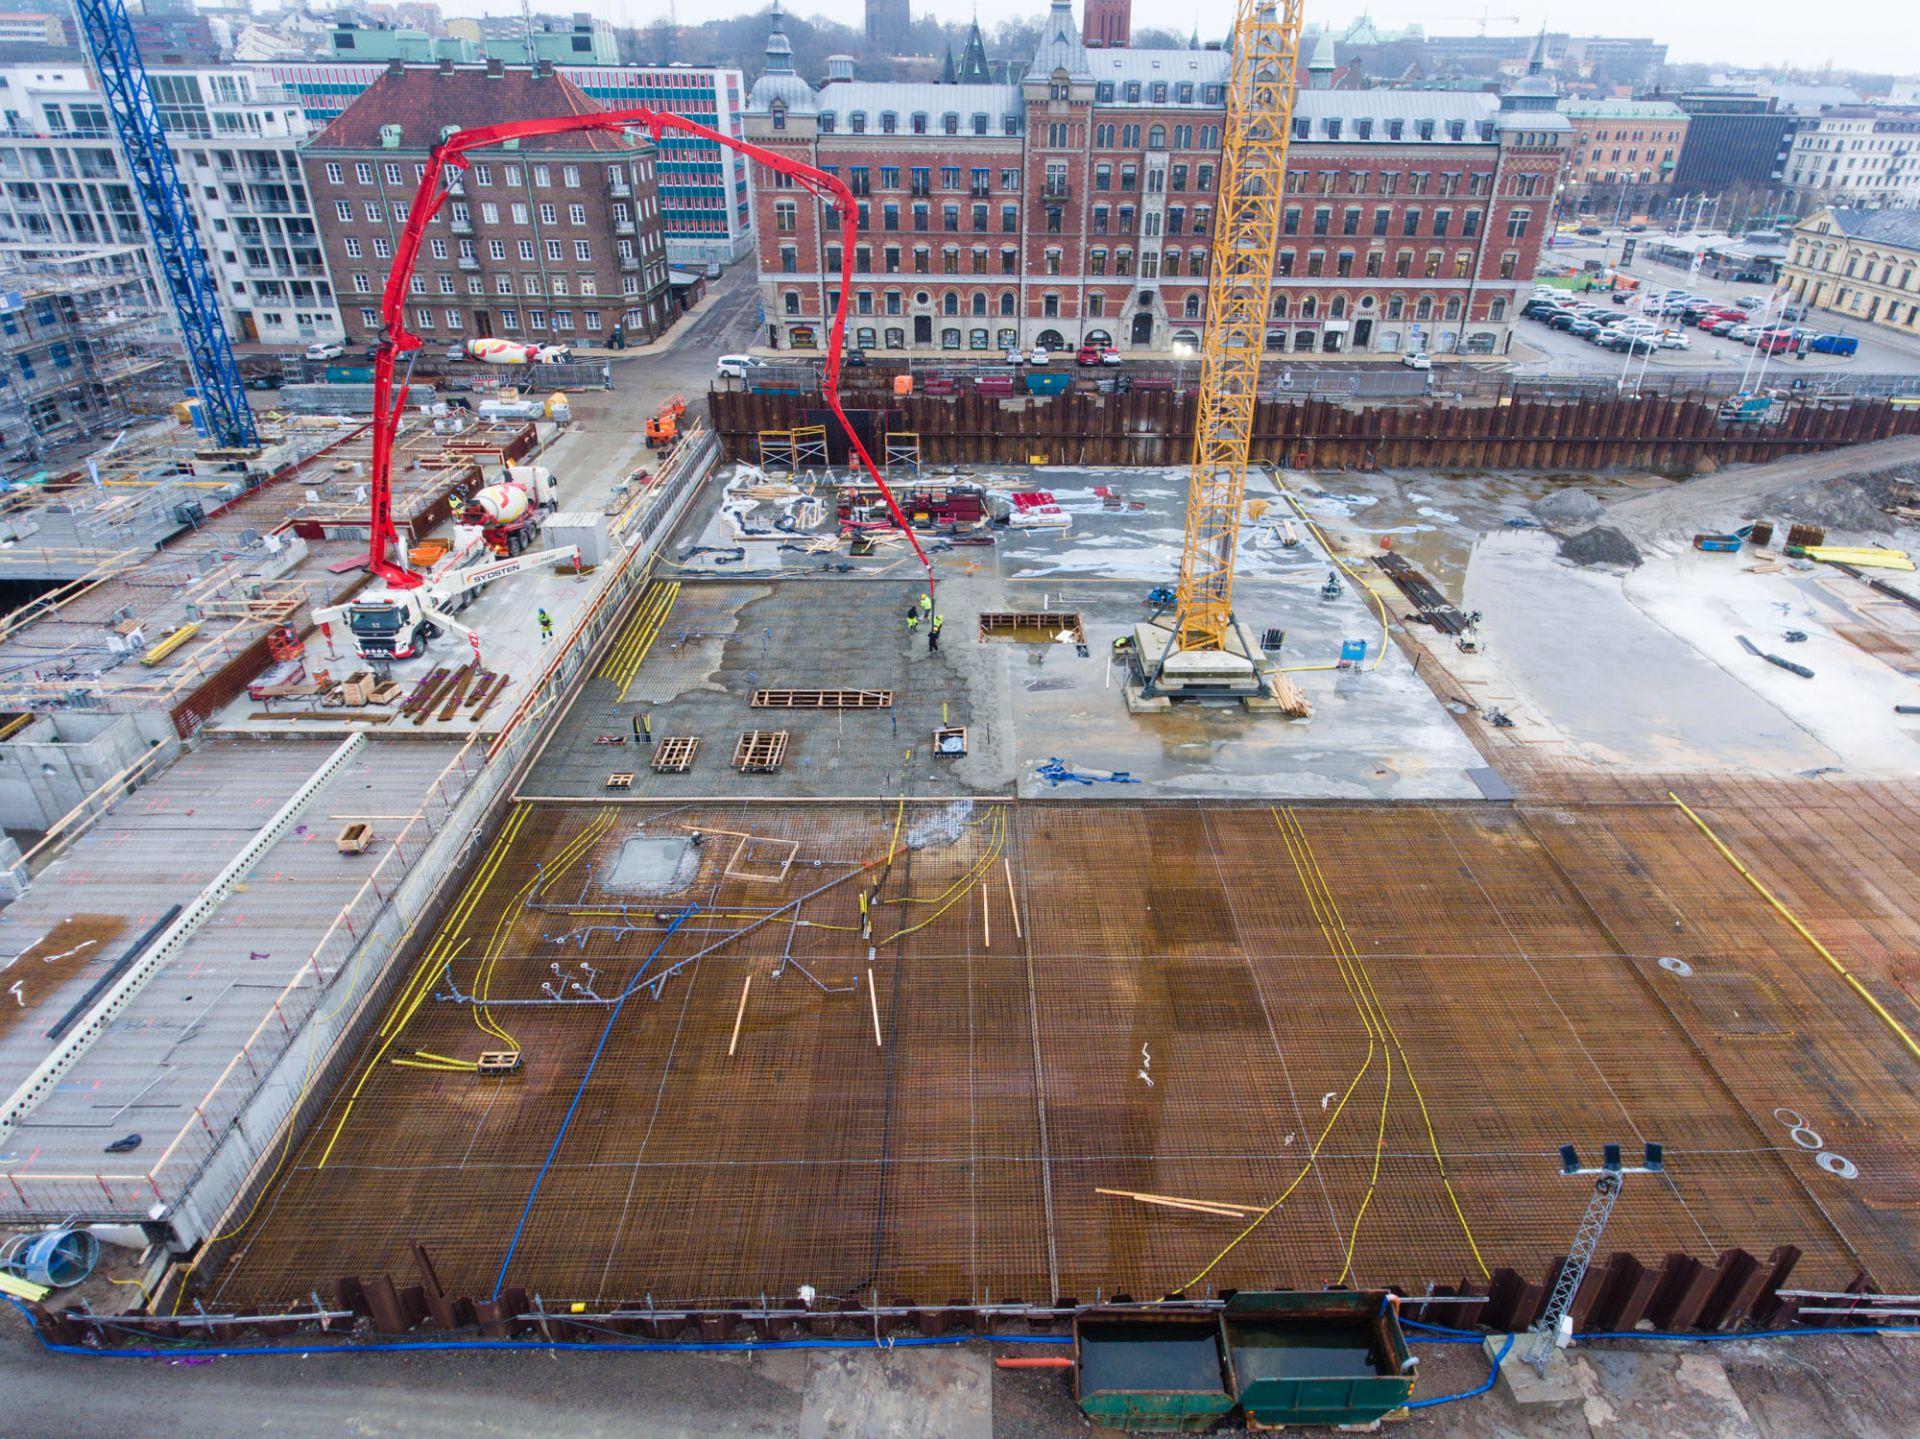 Översikt utav byggplatsen för kongresshuset mitt i Helsingborg vid kajkanten med fokus på markarbetet och läget.